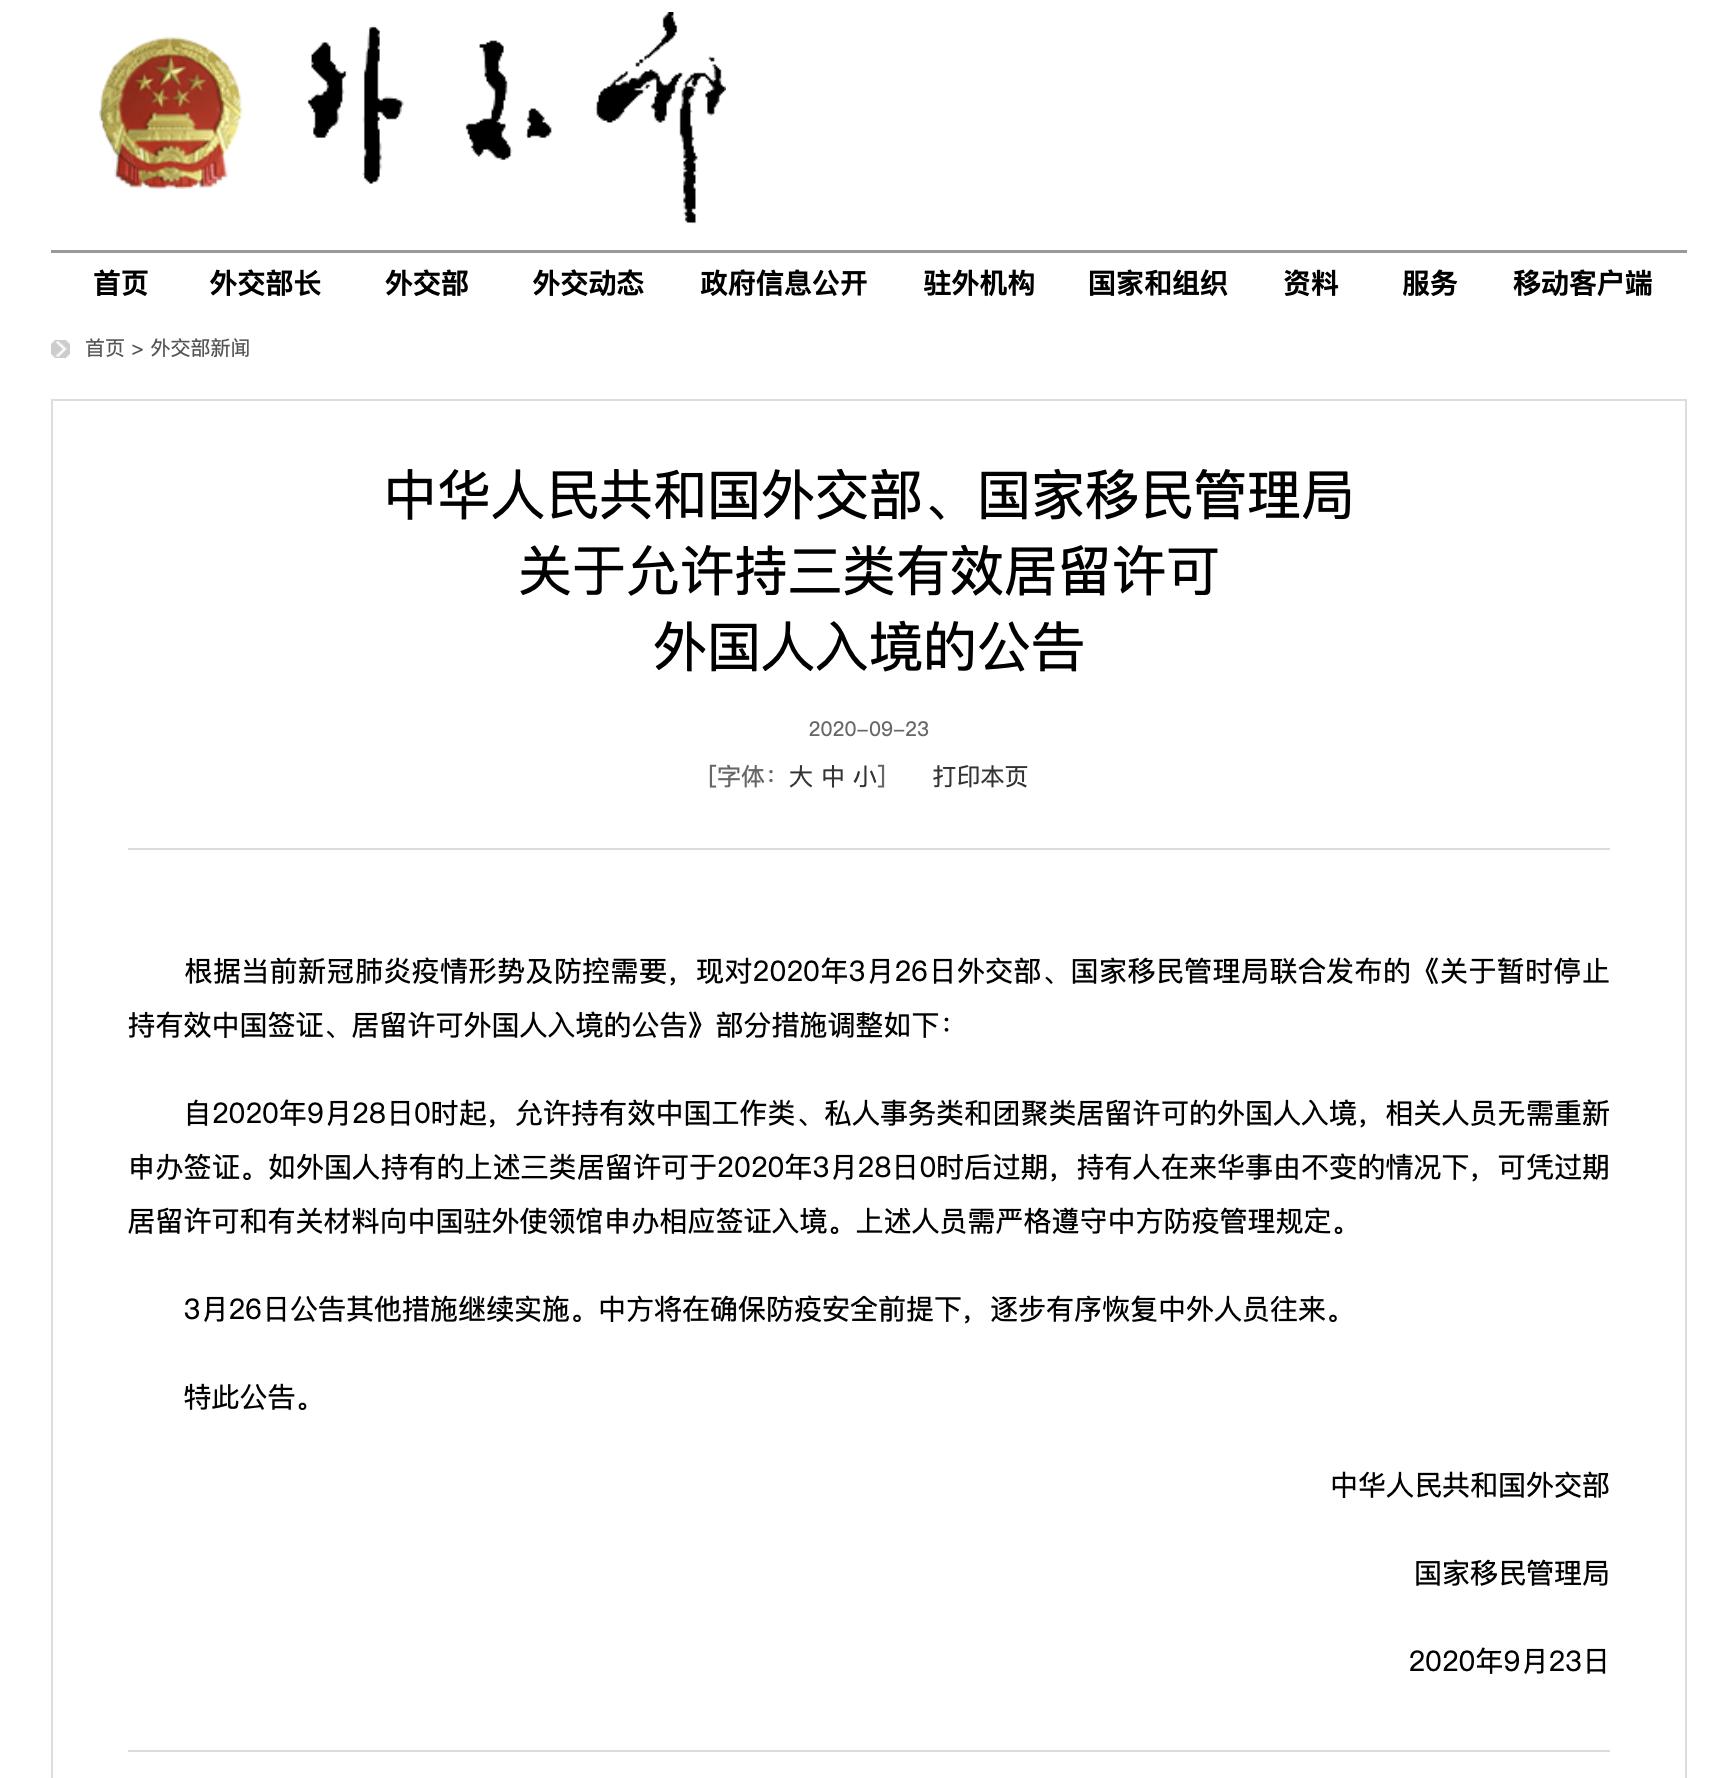 外交部:9月28日起允许持三类有效居留许可外国人入境